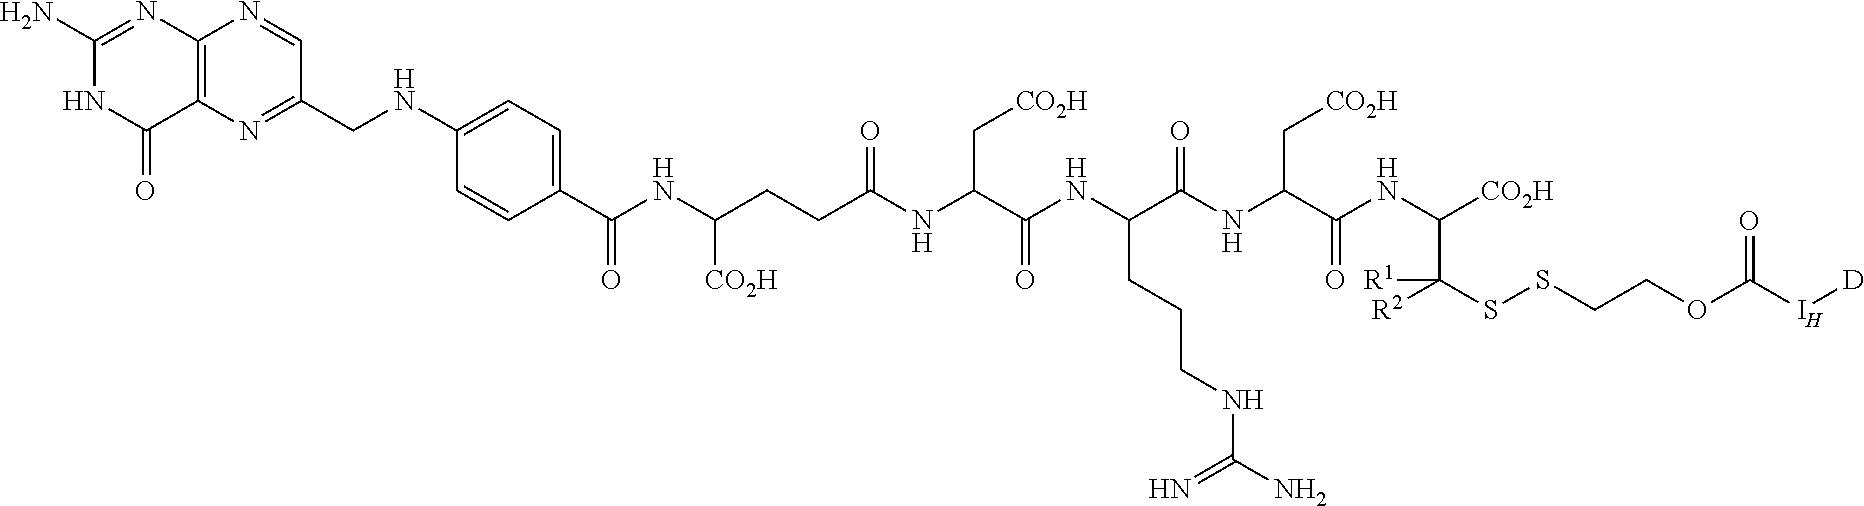 Figure US09550734-20170124-C00045